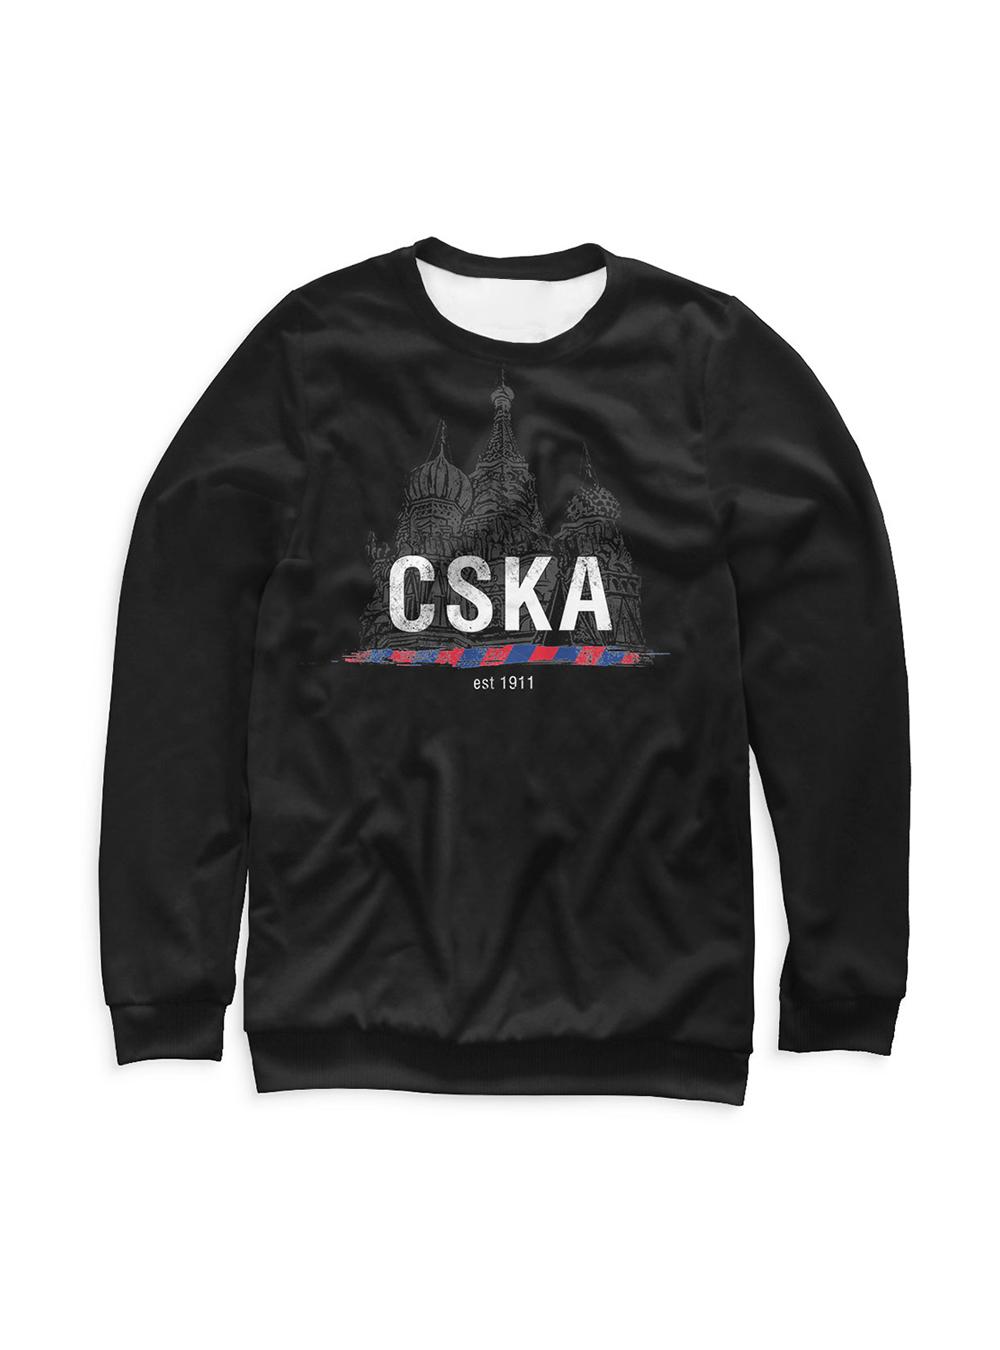 Купить Свитшот детский «CSKA 1911», цвет черный (146) по Нижнему Новгороду